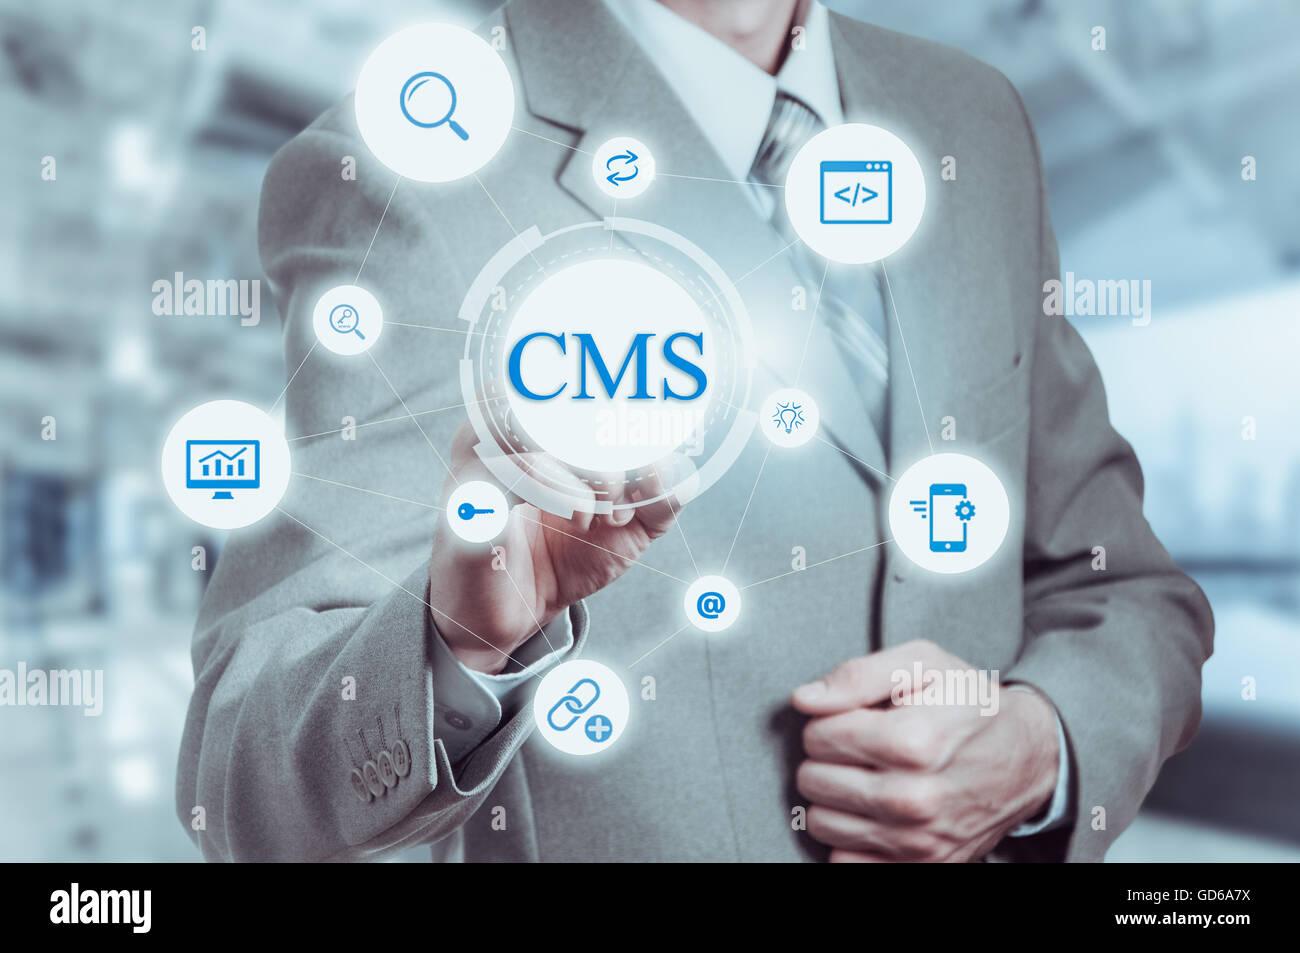 El concepto de sistema de gestión de contenidos CMS website administration Imagen De Stock